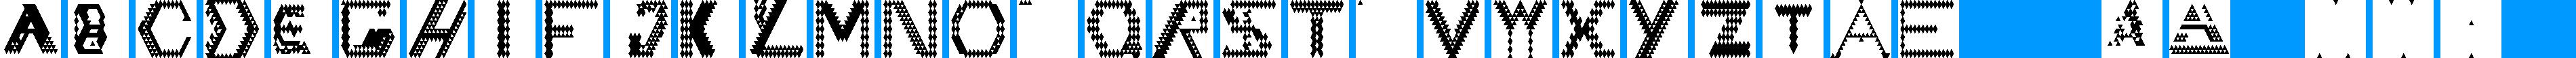 Particip-a-type v.197